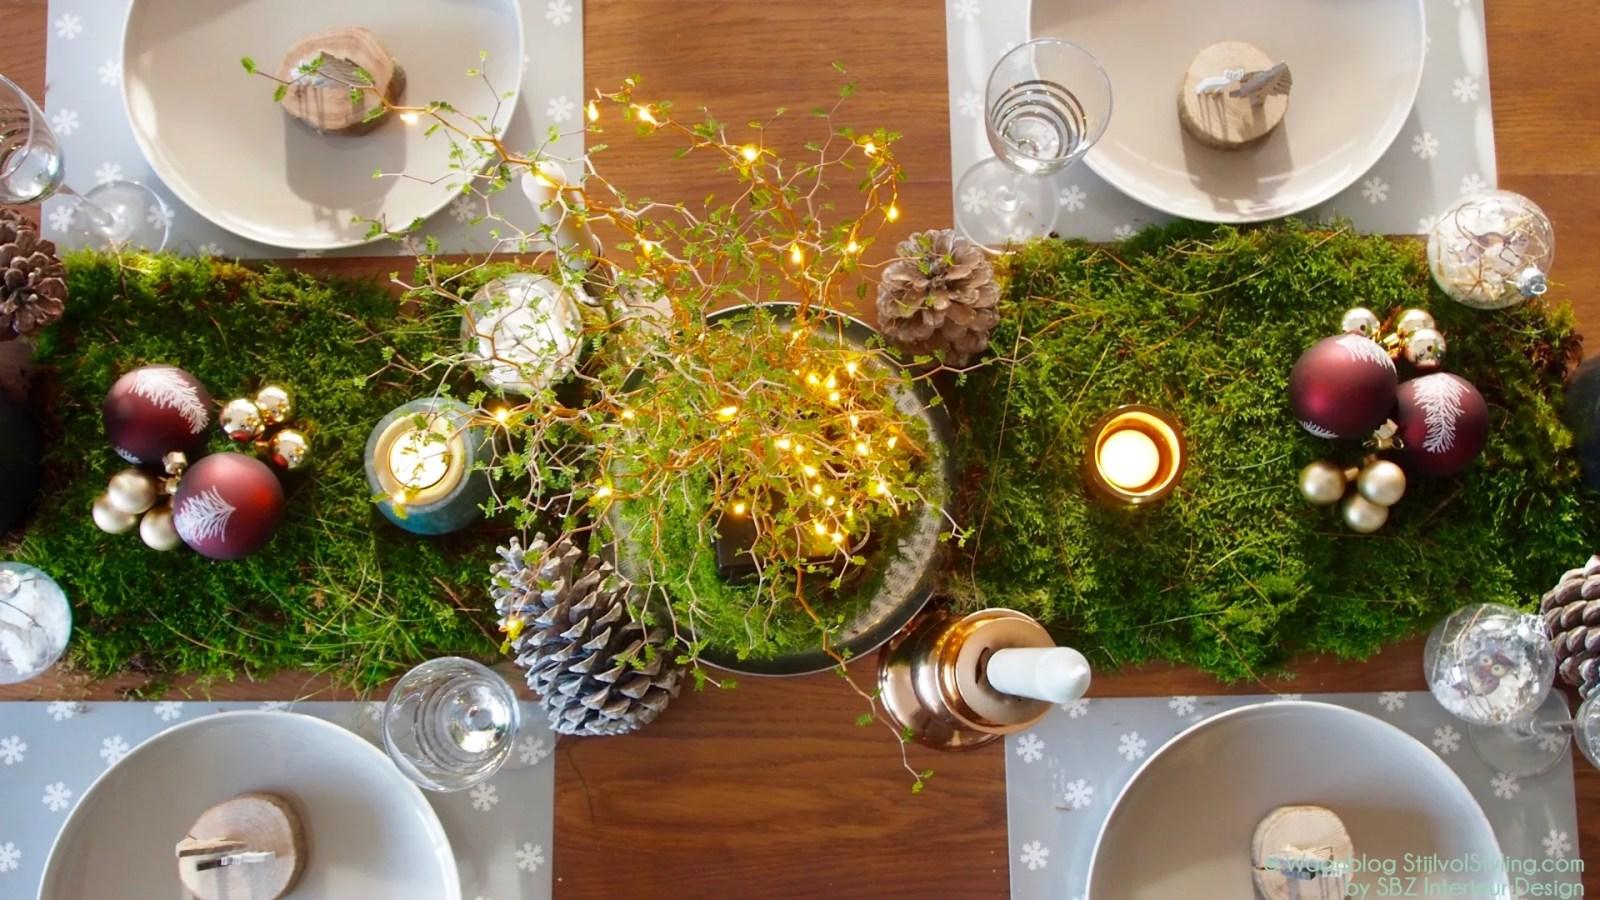 Woonblog StijlvolStyling.com | DIY Kersttafel dekken en kerst inspiratie